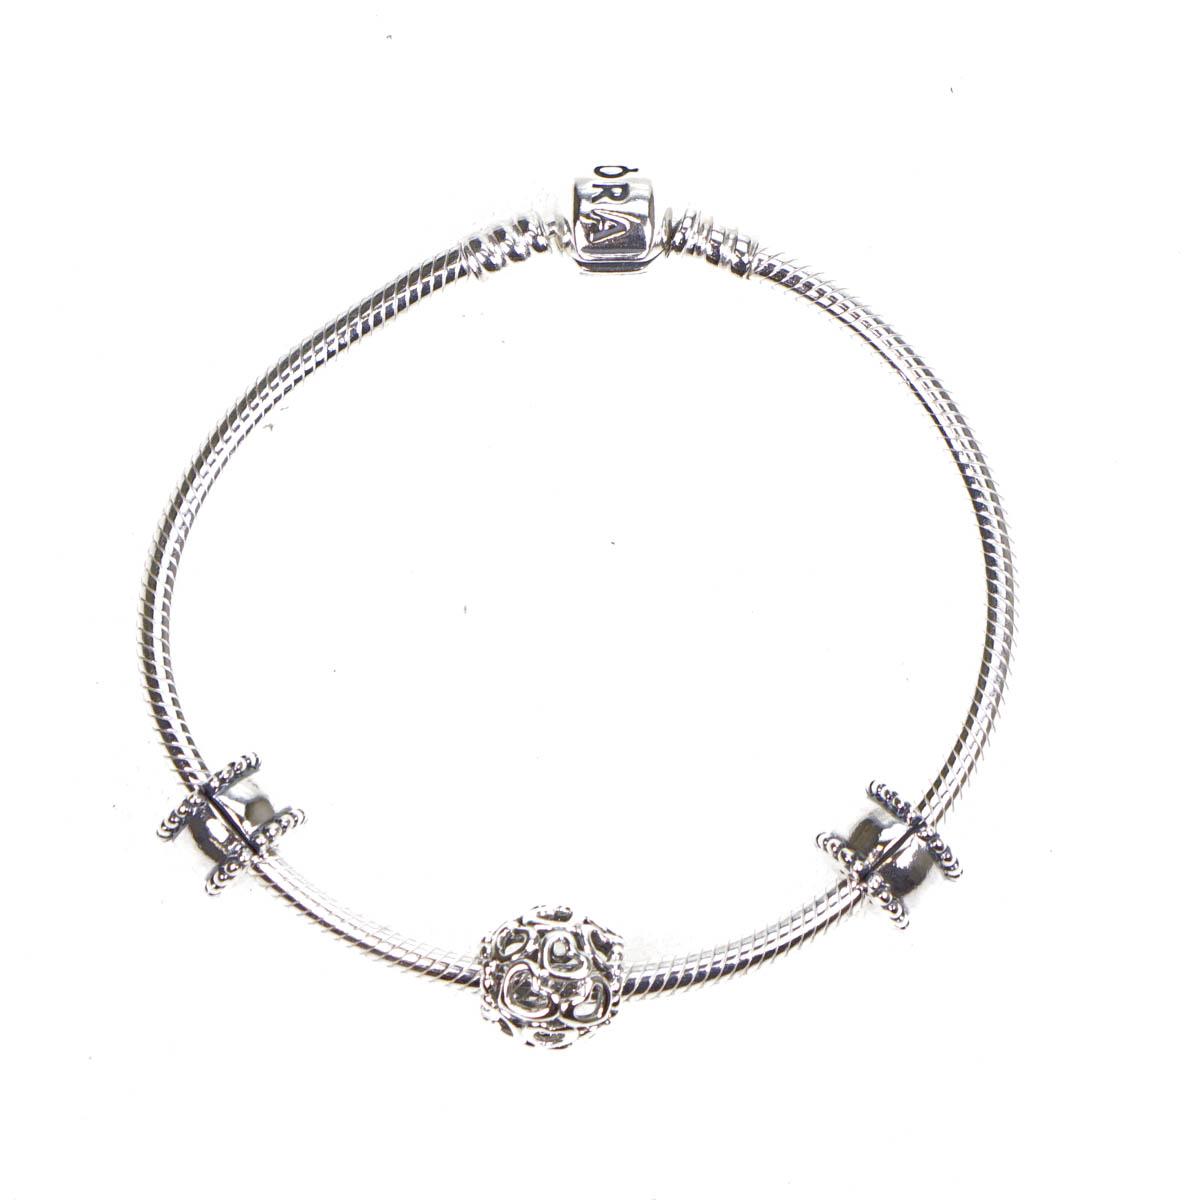 pandora sterling silver starter charm bracelet openwork. Black Bedroom Furniture Sets. Home Design Ideas